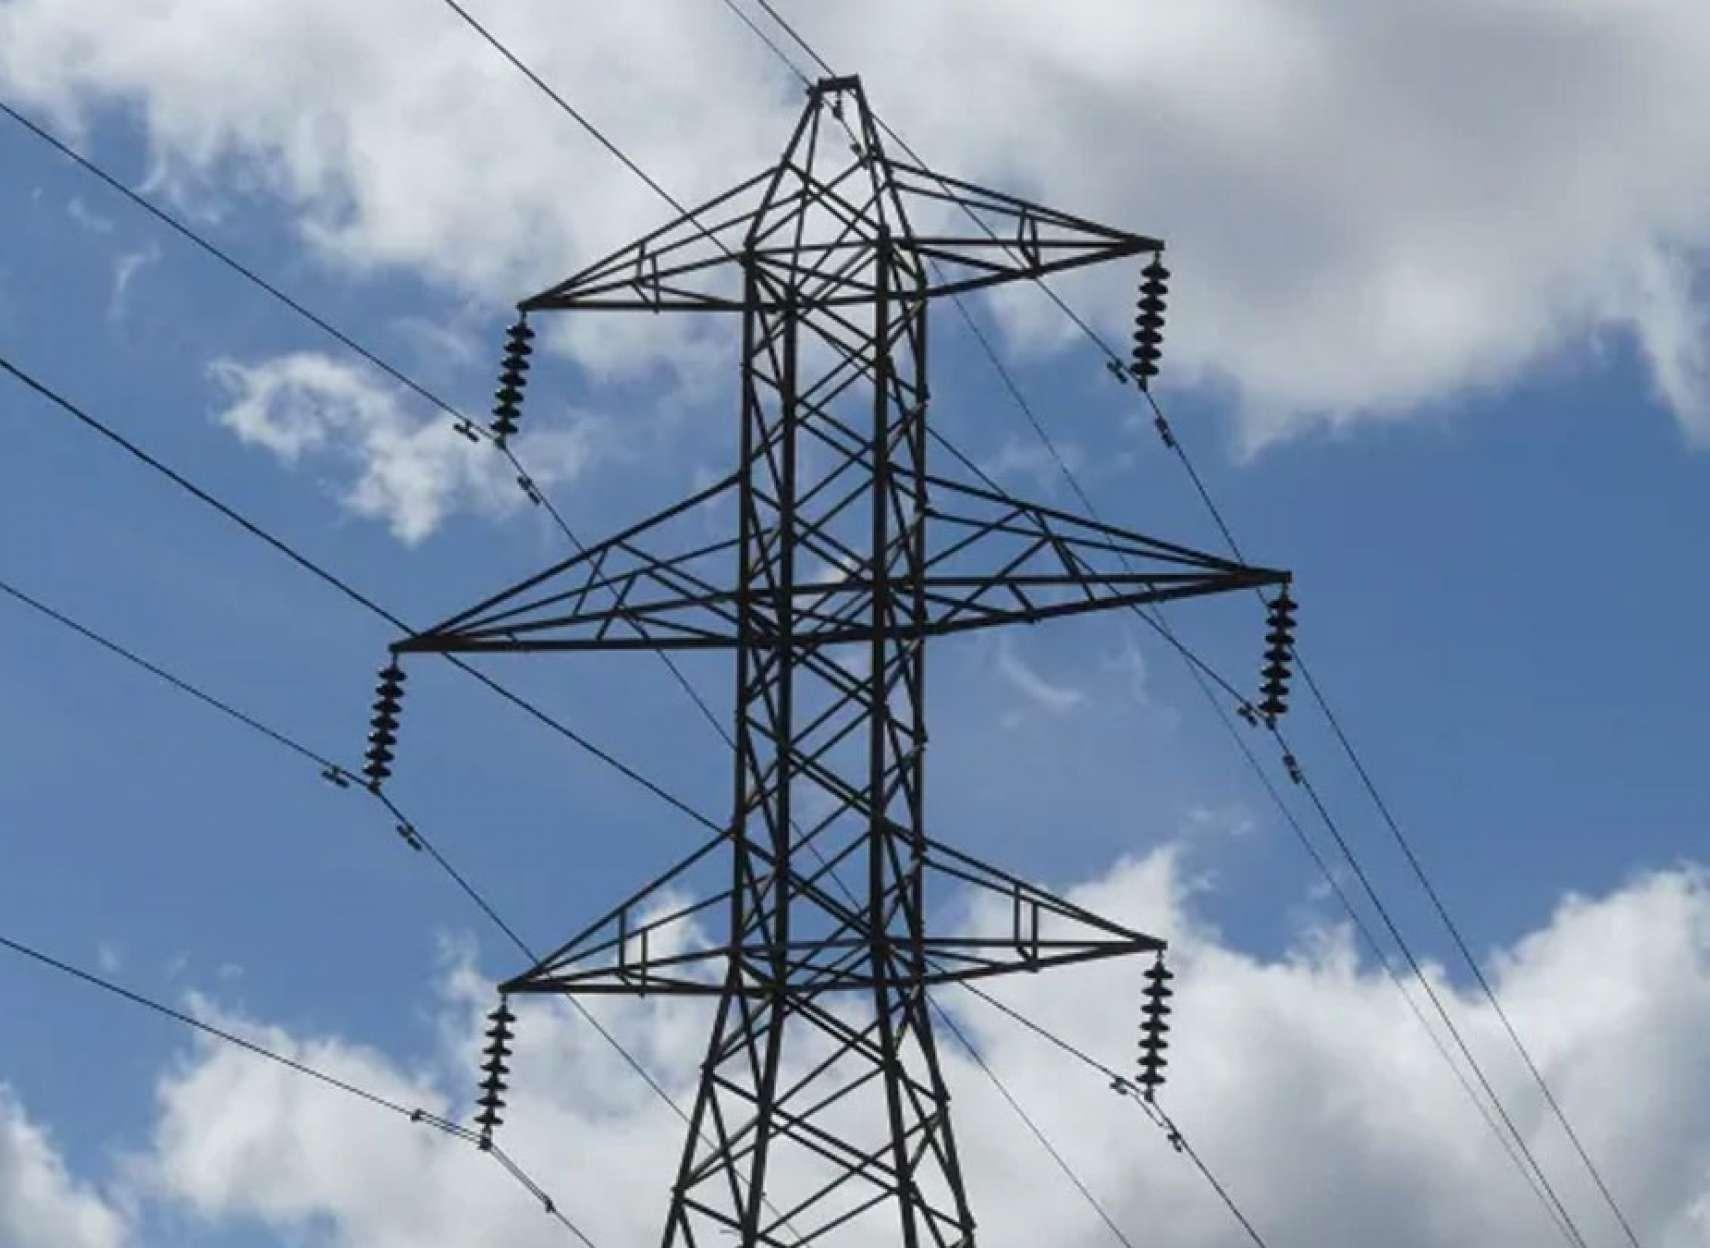 اخبار-تورنتو-برق-کرونایی-در-انتاریو-از-اول-ماه-تغییر-می-کند-و-۲-درصد-گران-می-شود